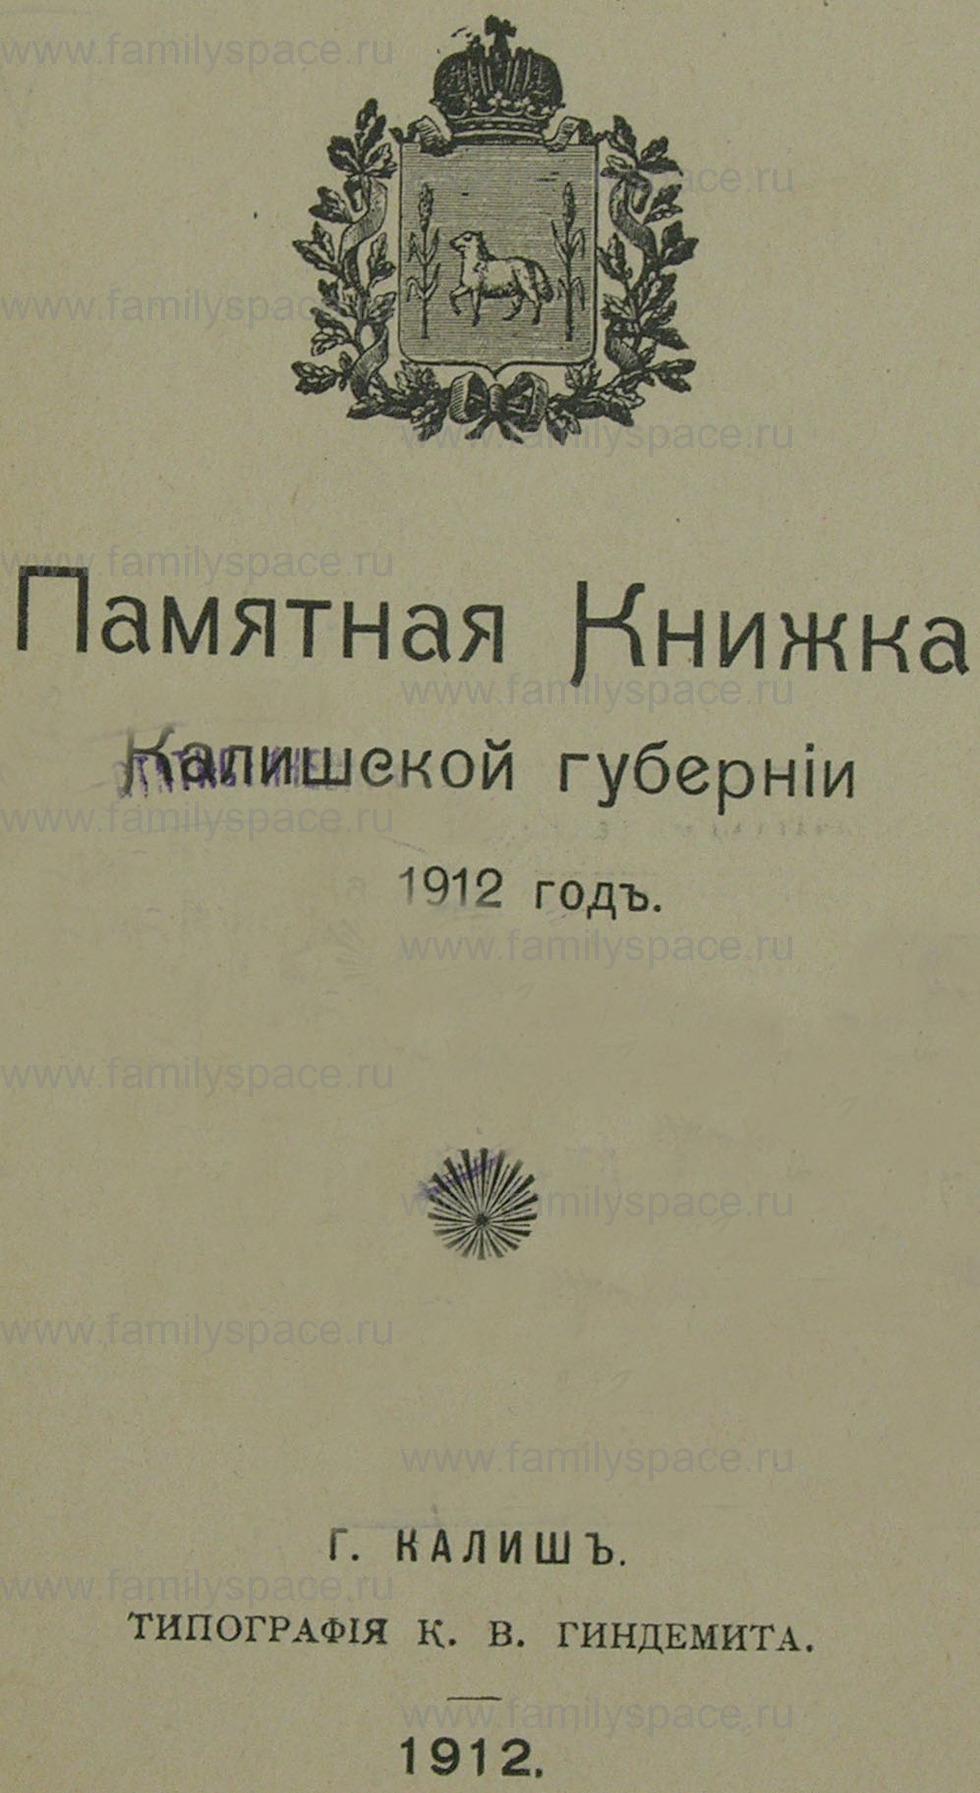 Поиск по фамилии - Памятная книжка Калишской губернии 1912 год, страница 1